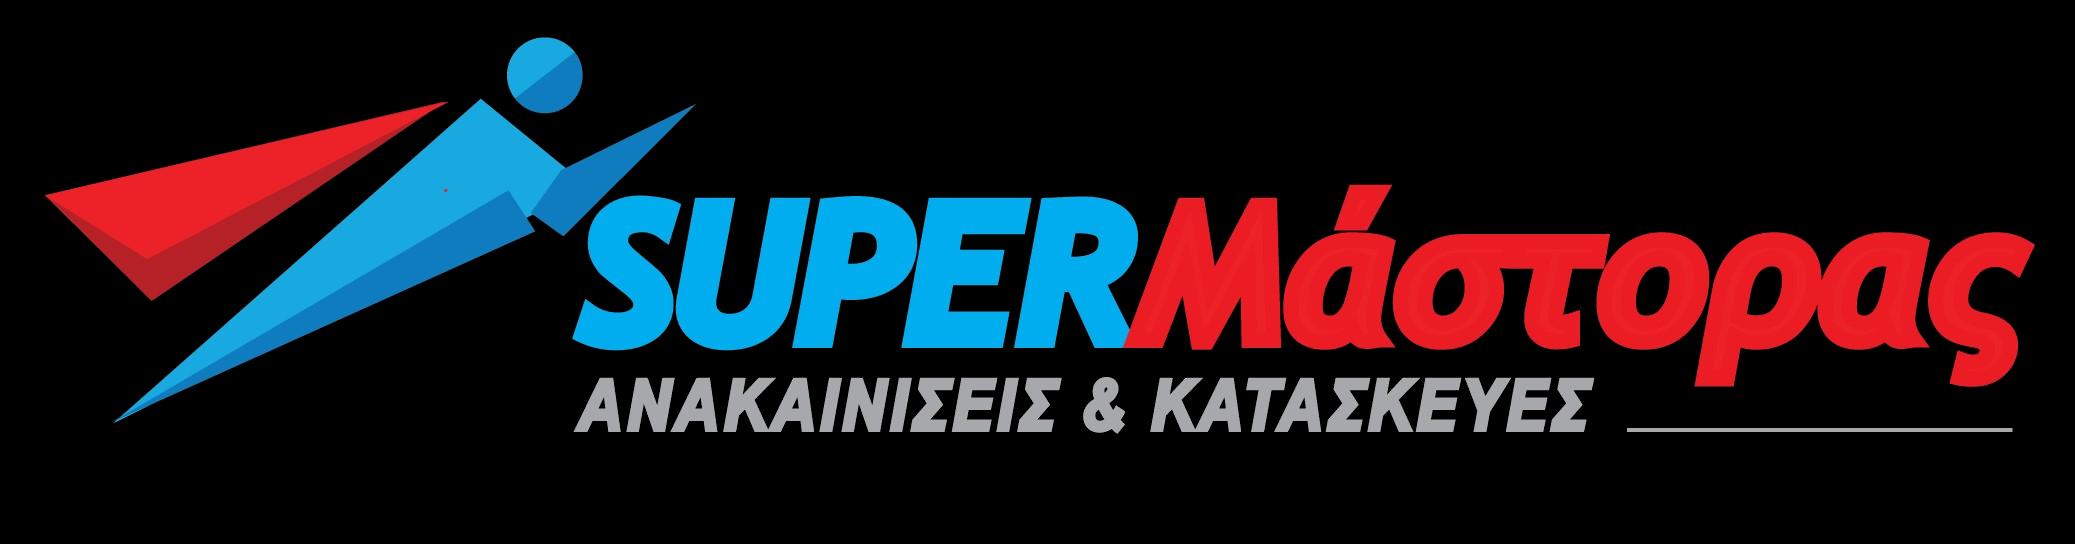 Supermastoras.gr